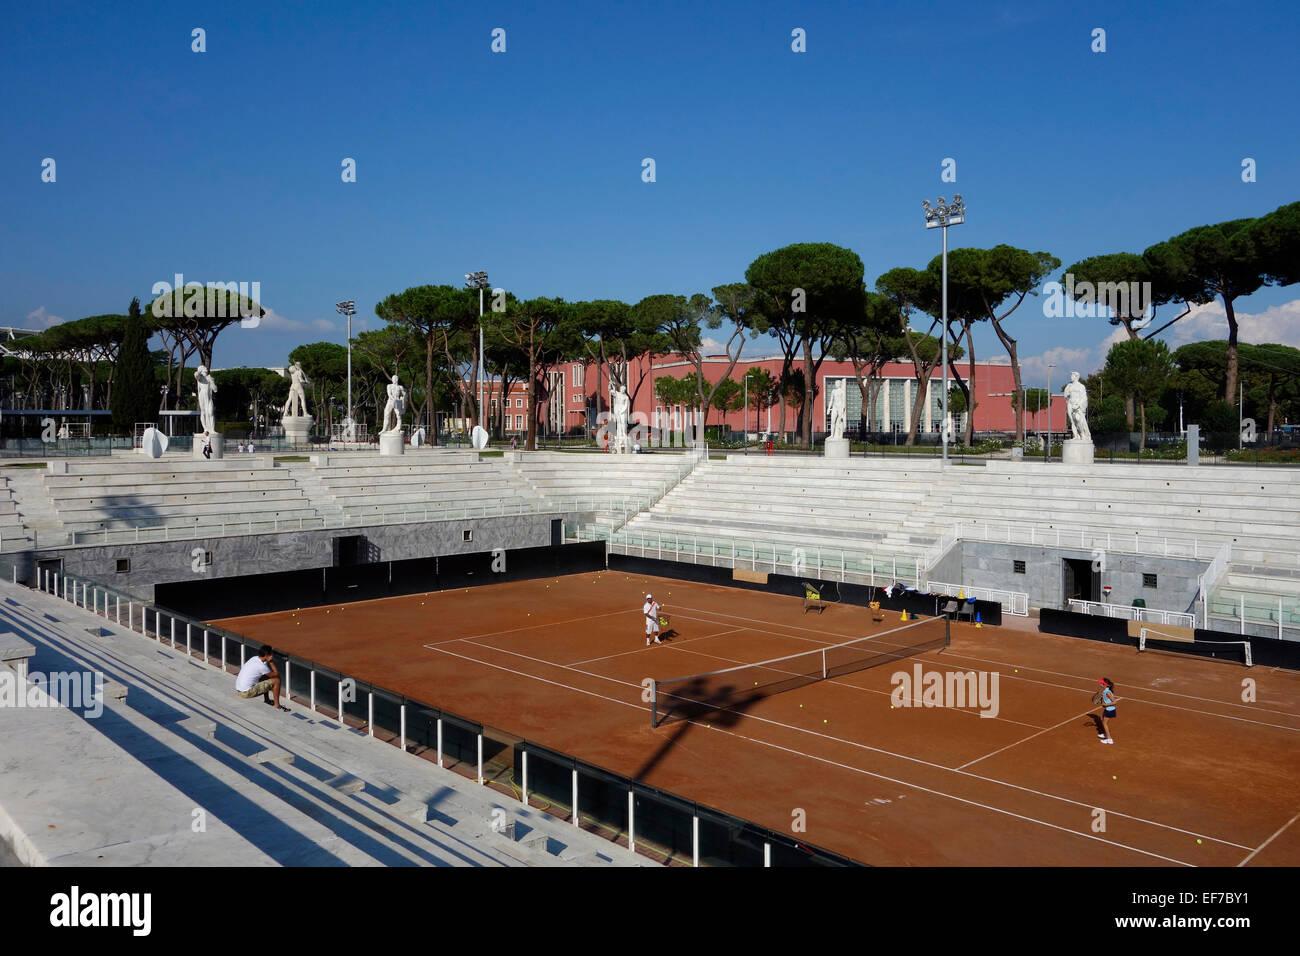 Campi Da Tennis Roma.Campi Da Tennis Stadio Dei Marmi Al Foro Italico A Roma Italia Foto